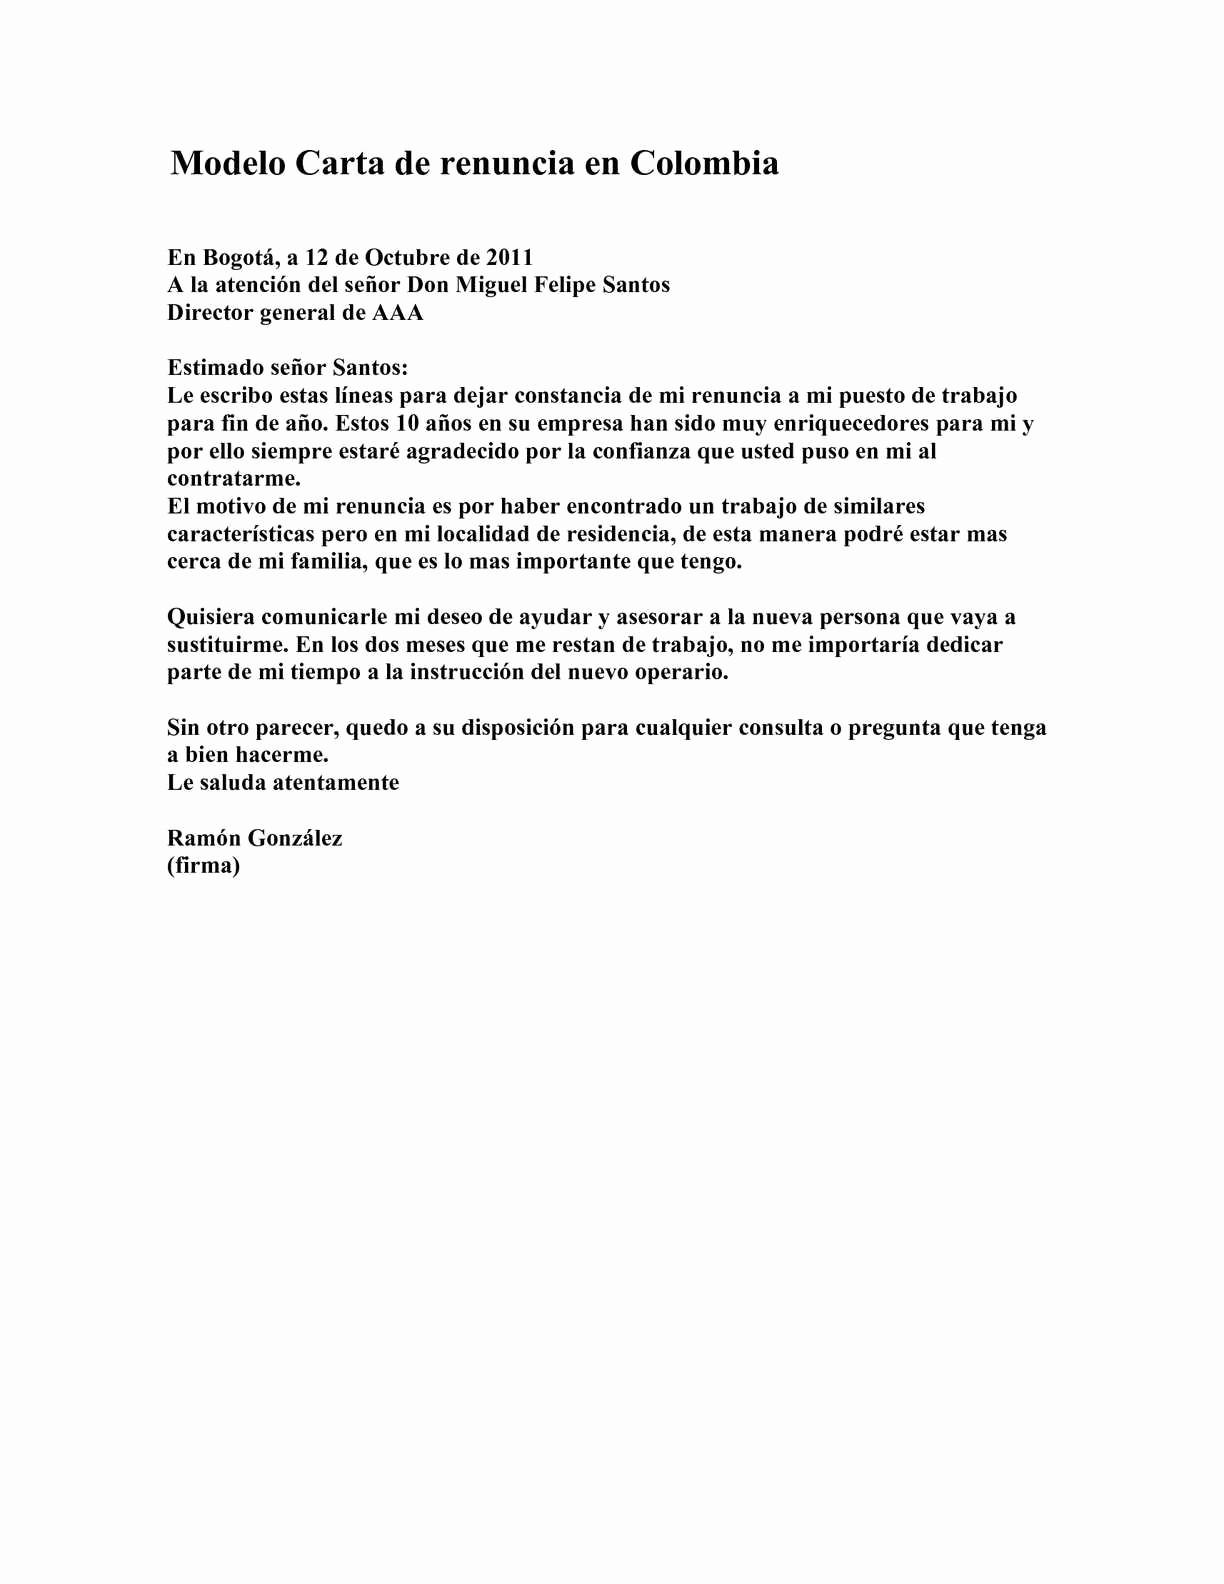 Formato De Carta De Renuncia Luxury Calaméo Modelo Carta De Renuncia En Colombia